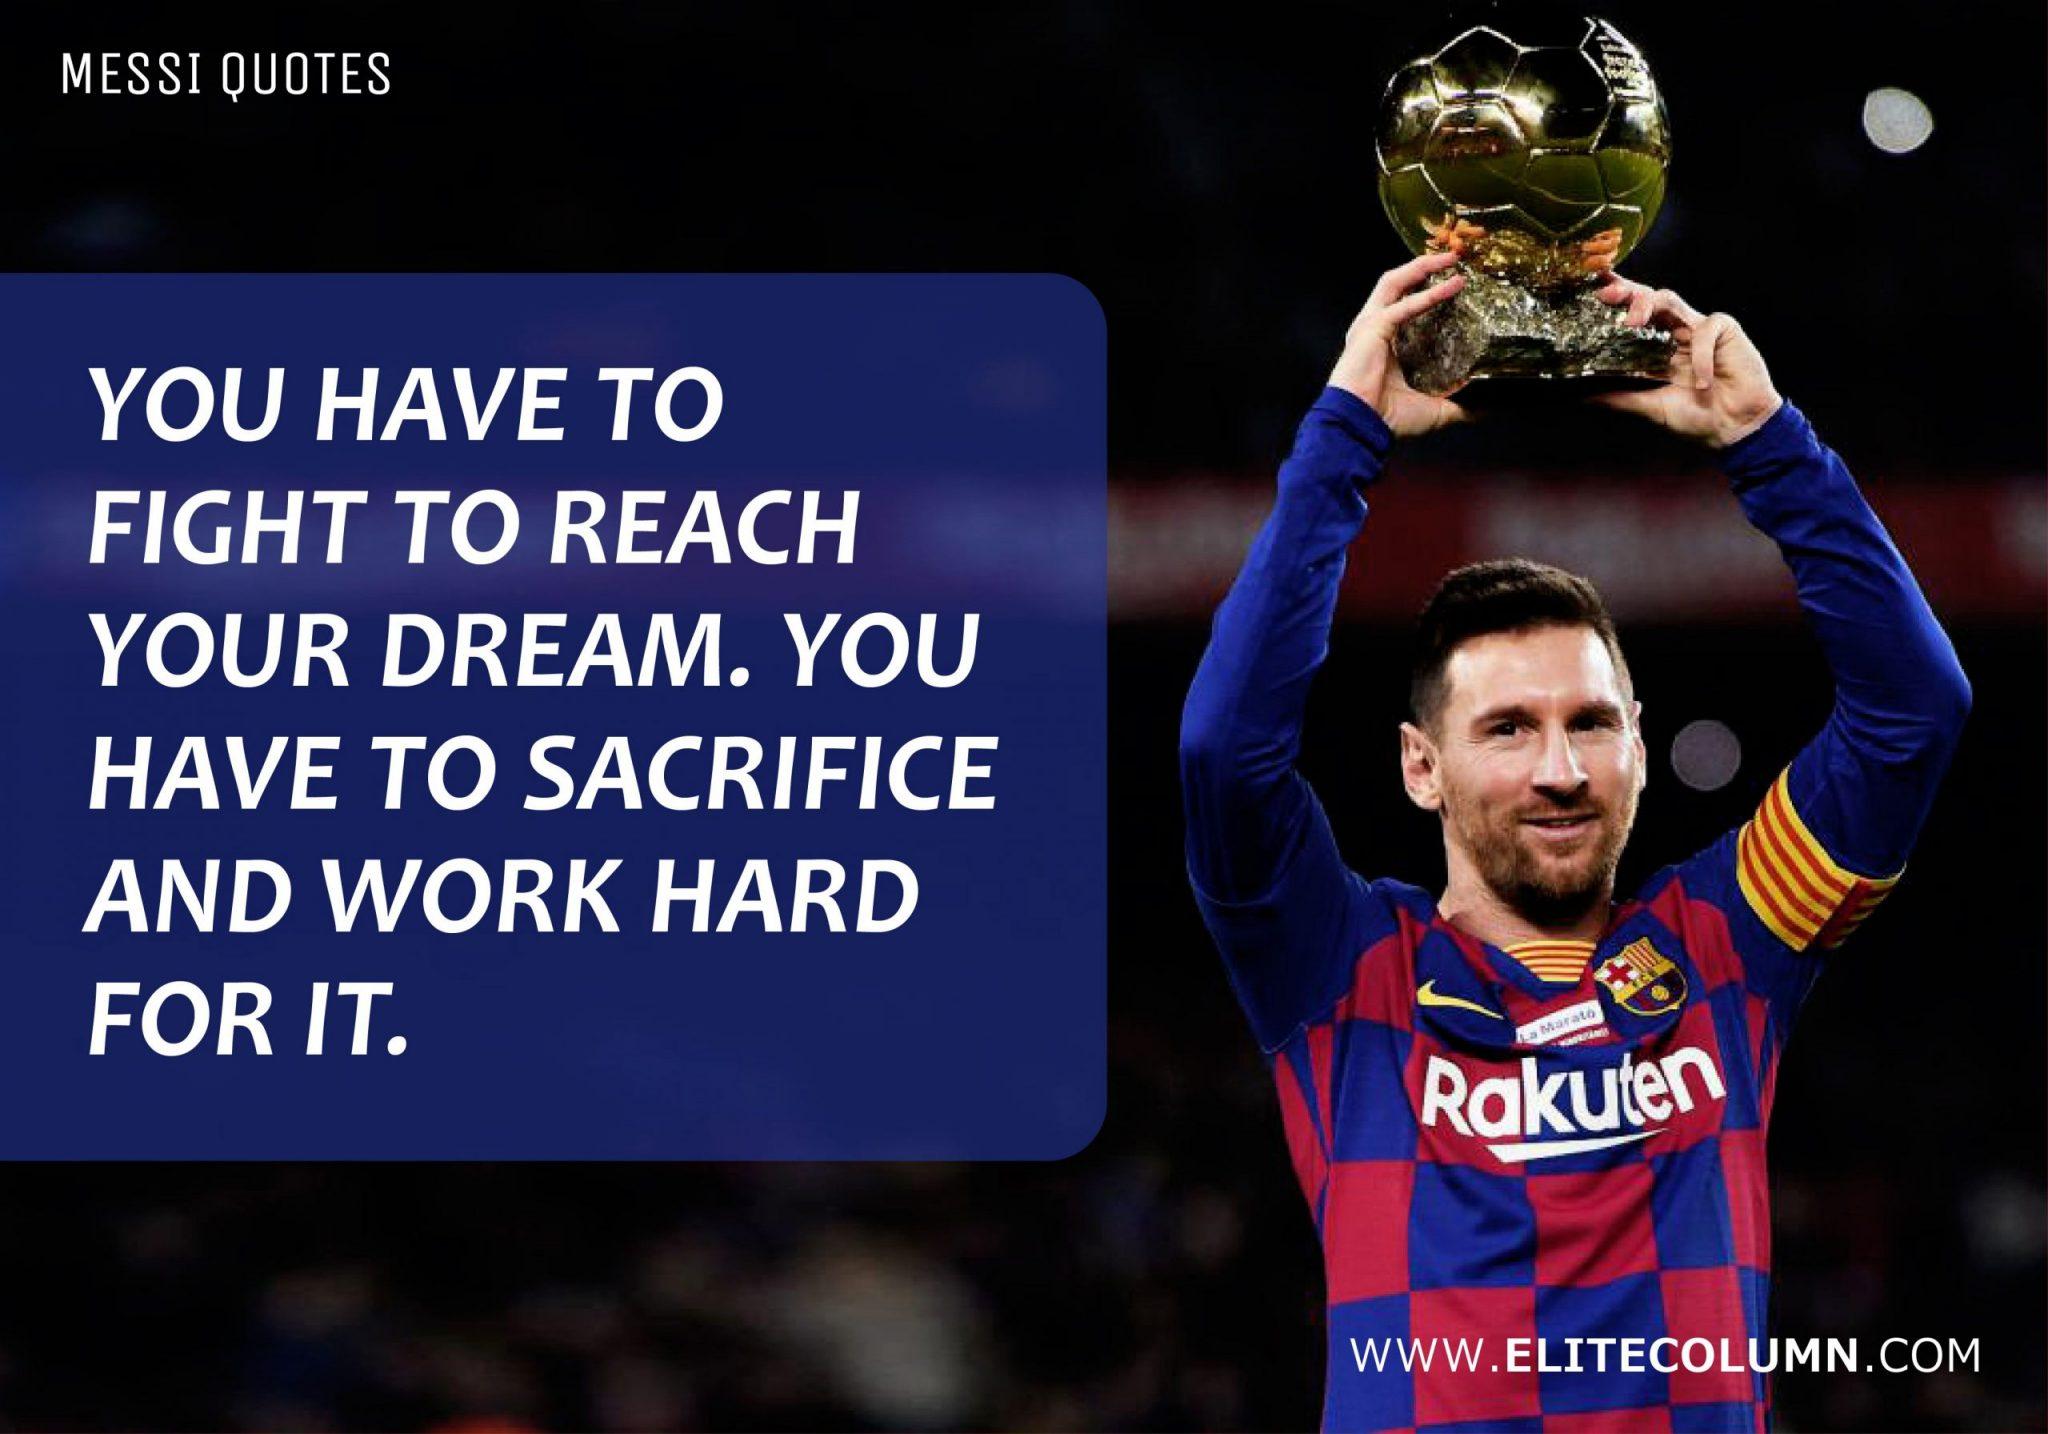 Messi Quotes (1)